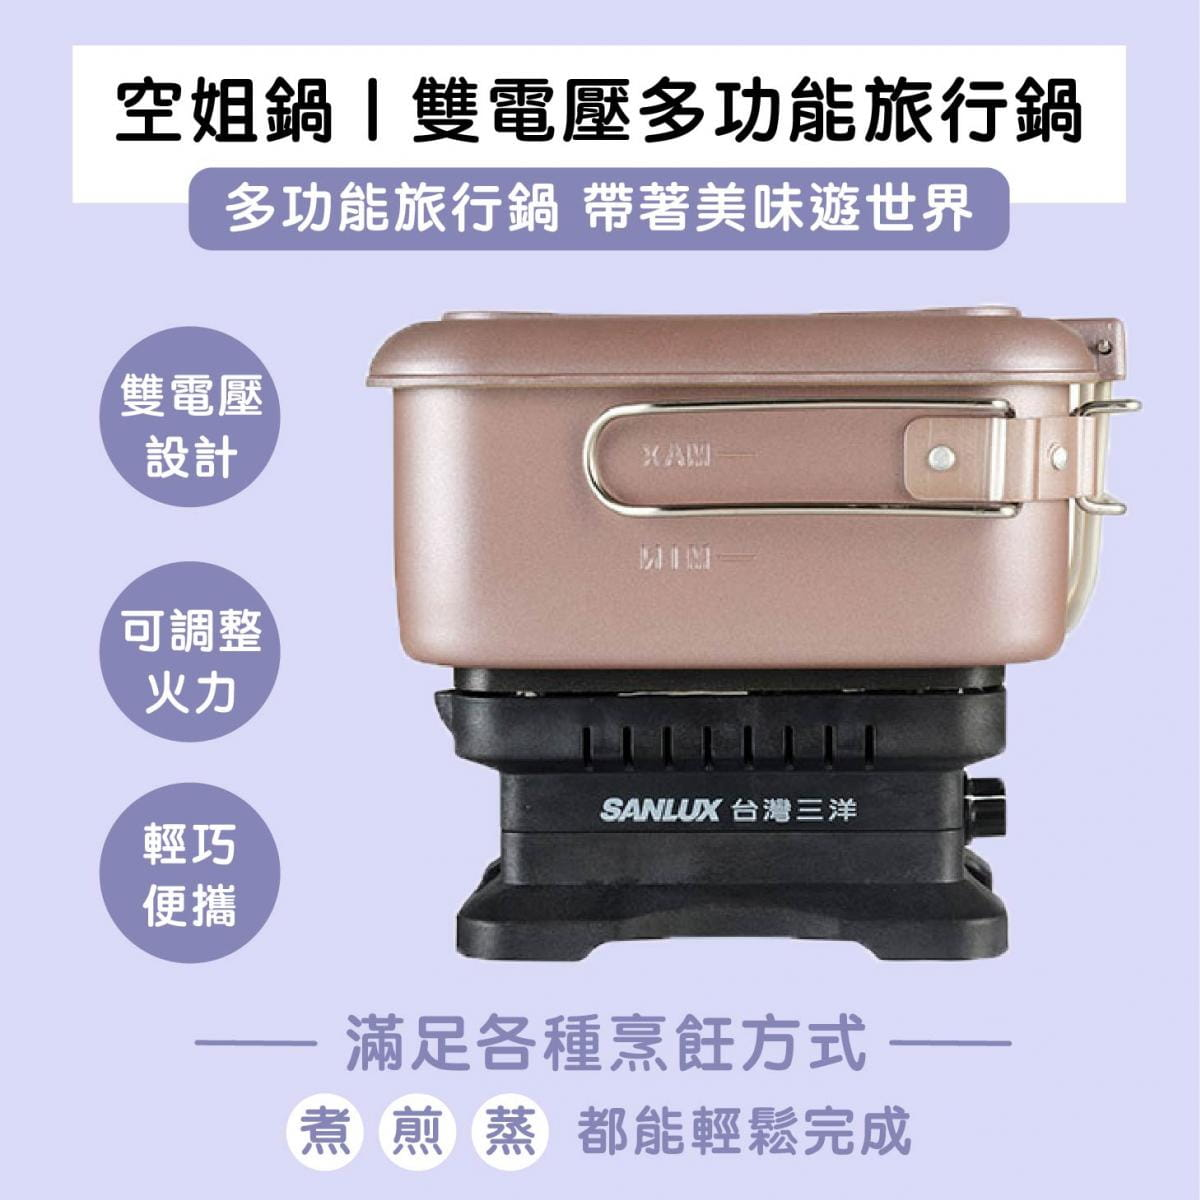 【台灣三洋】空姐鍋 雙電壓多功能旅行鍋